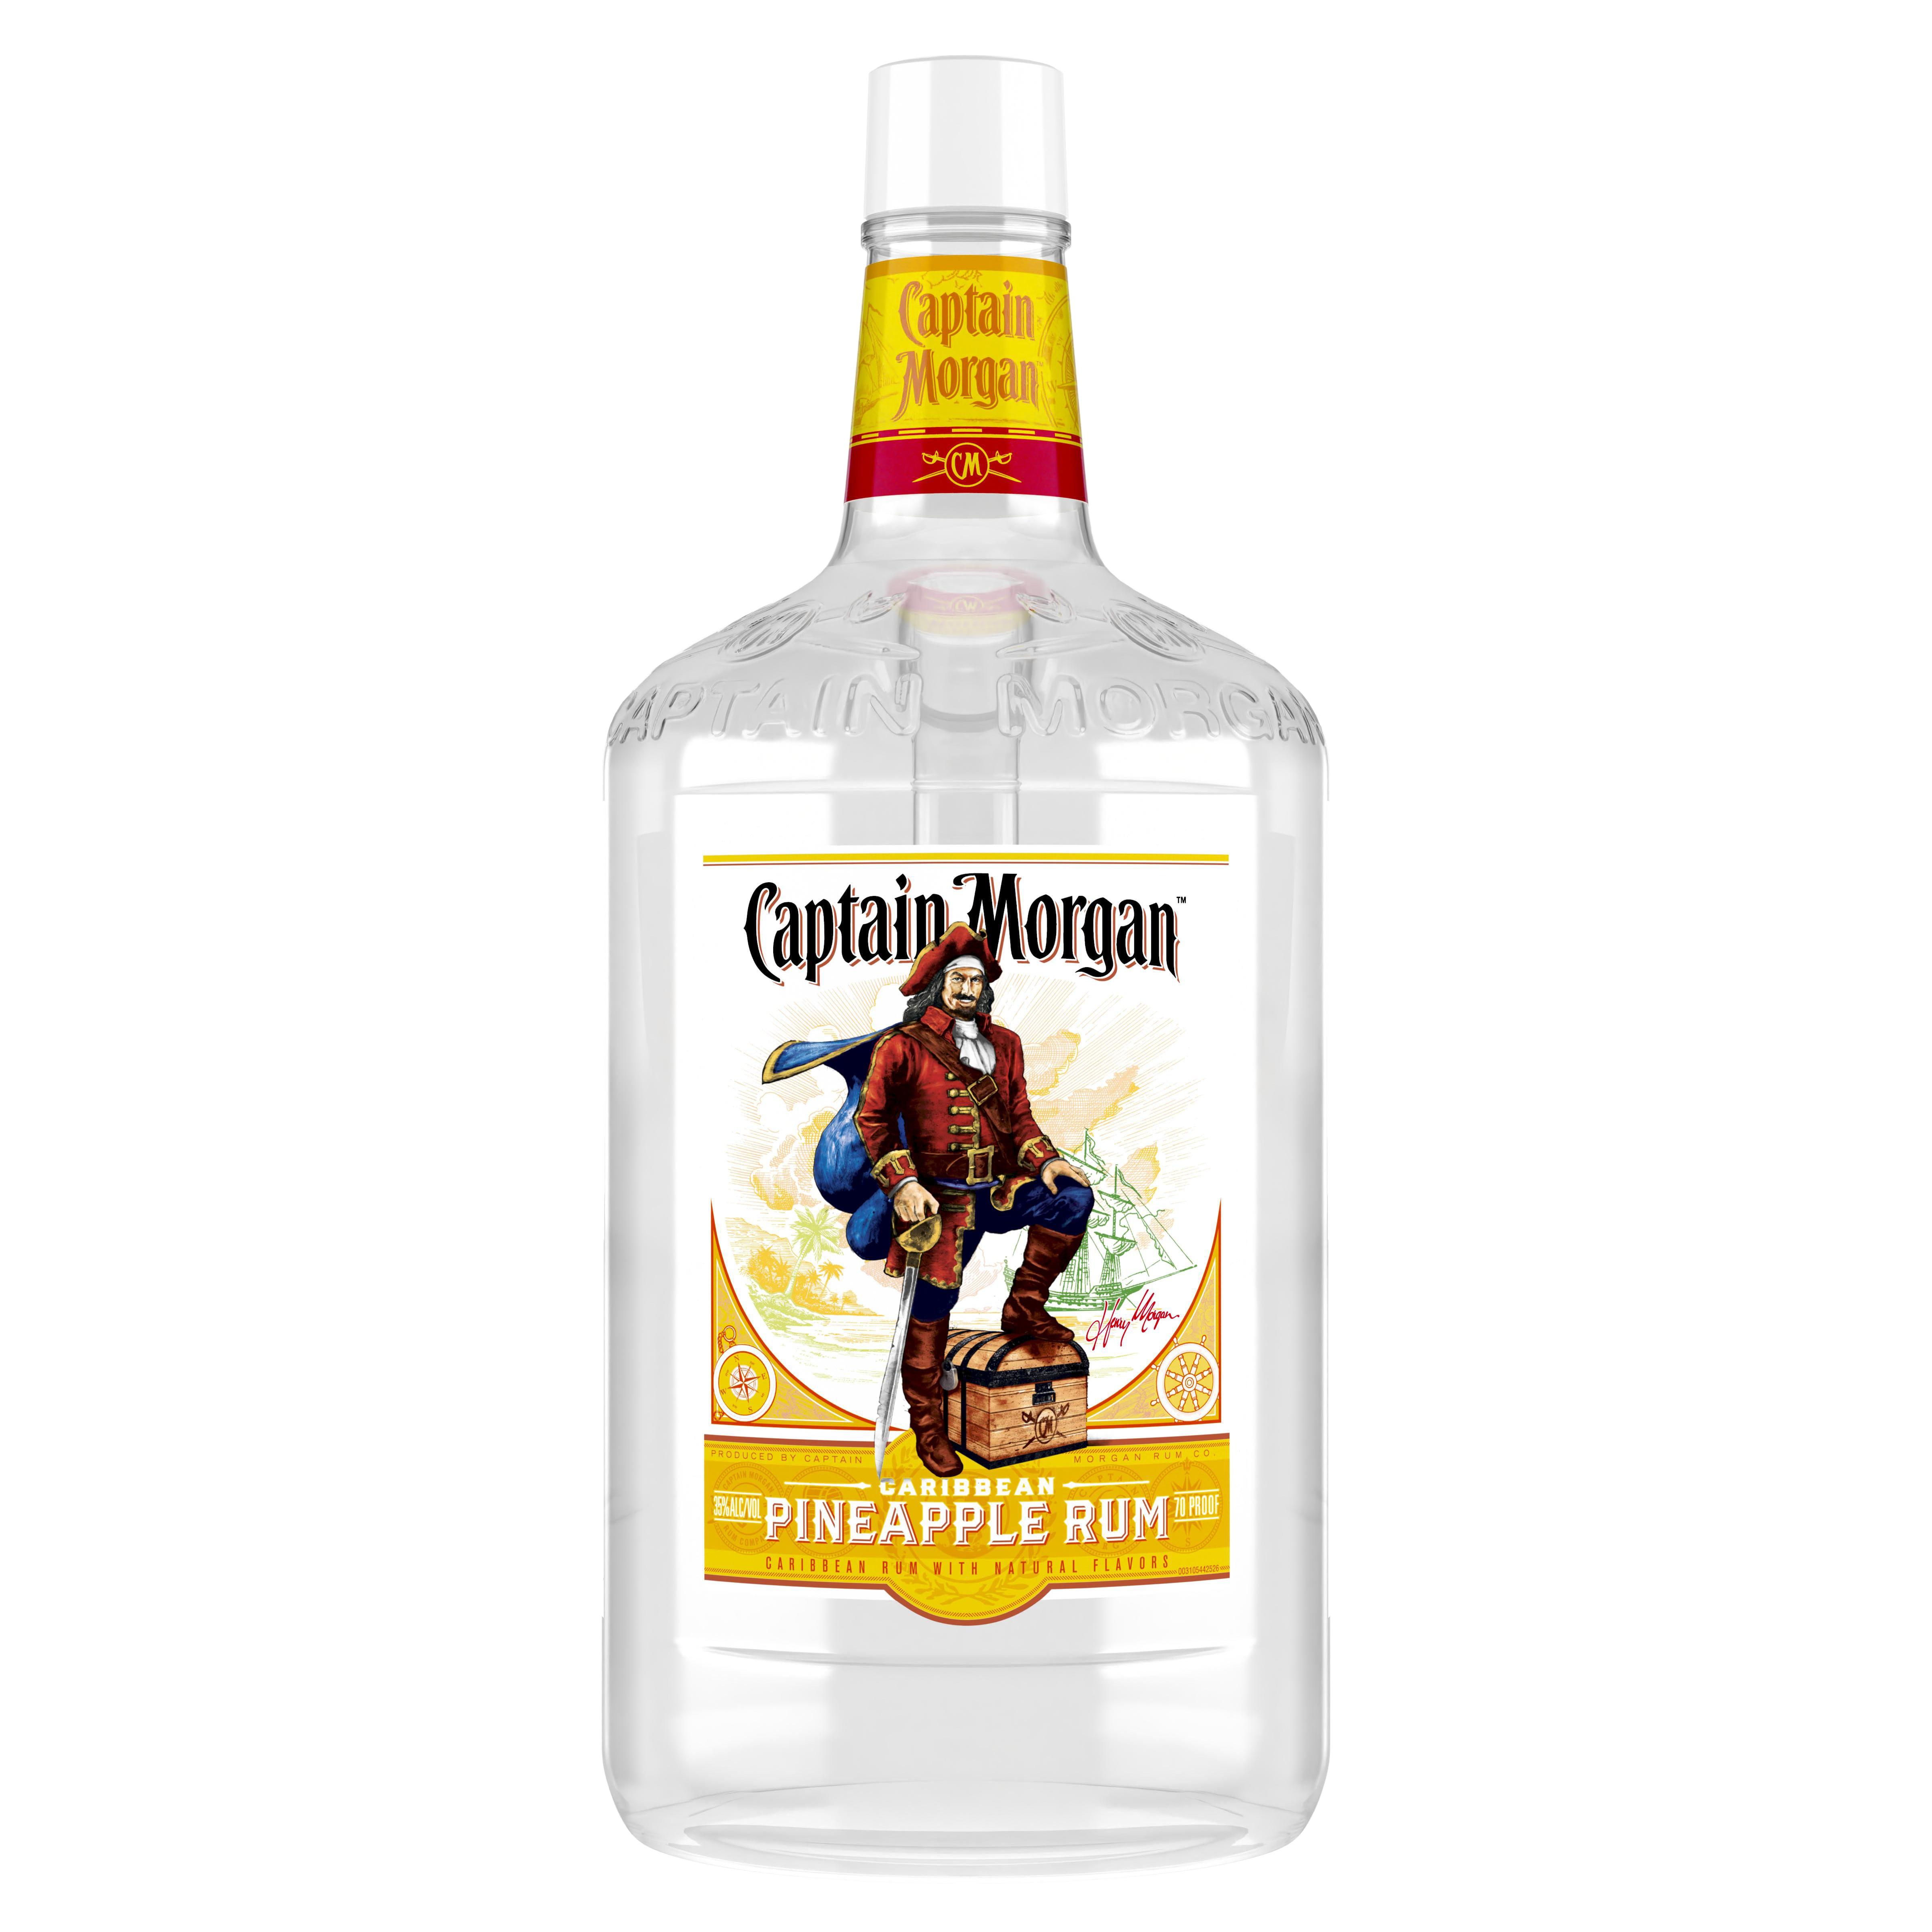 Captain Morgan Pineapple Rum 1 75 L 70 Proof Walmart Com Walmart Com